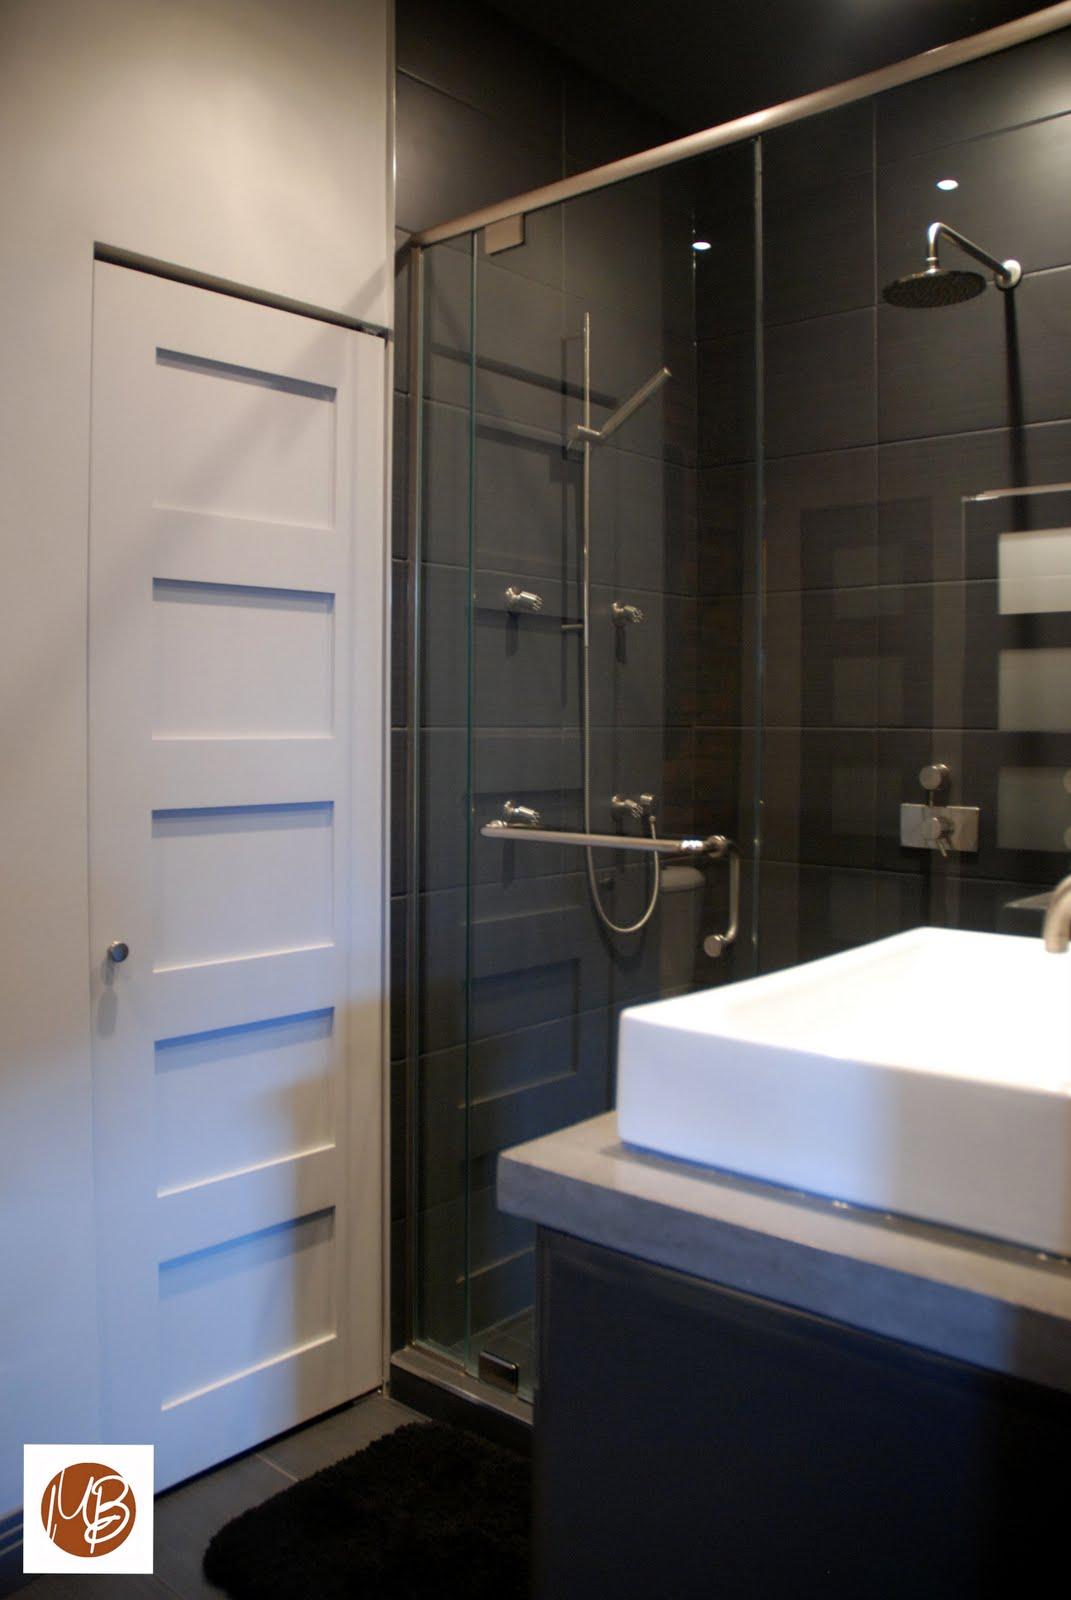 L 39 espace d co salle de bain en milieu urbain for Peinturer un comptoir de salle de bain